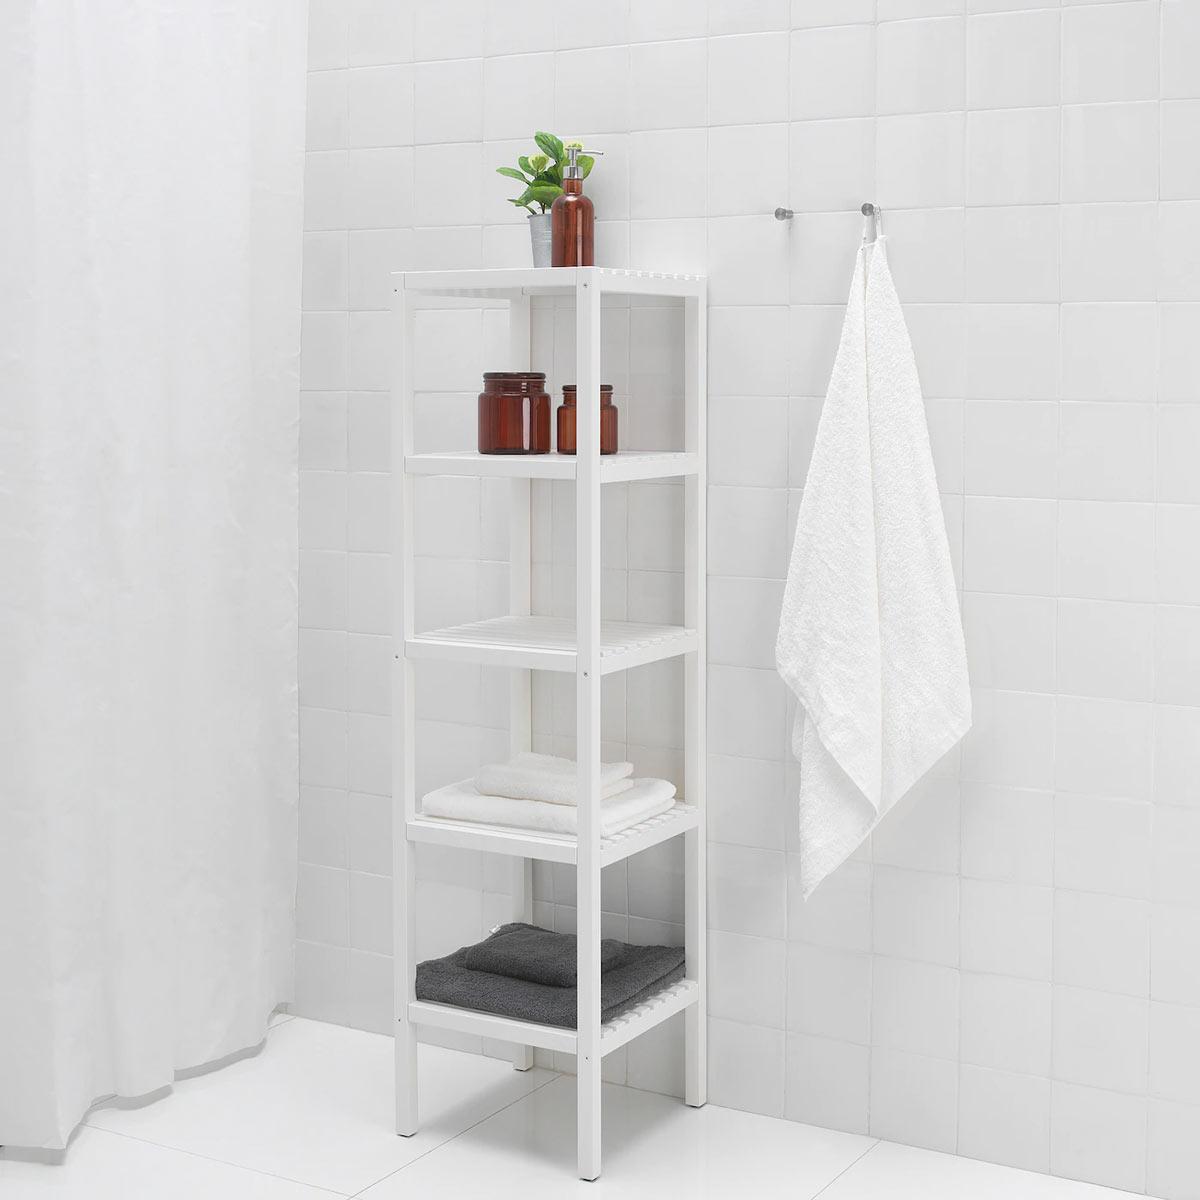 Accessori Bagno Ikea Ferro.Ikea Bagno I Mobili Del Catalogo 2020 Lasciati Ispirare